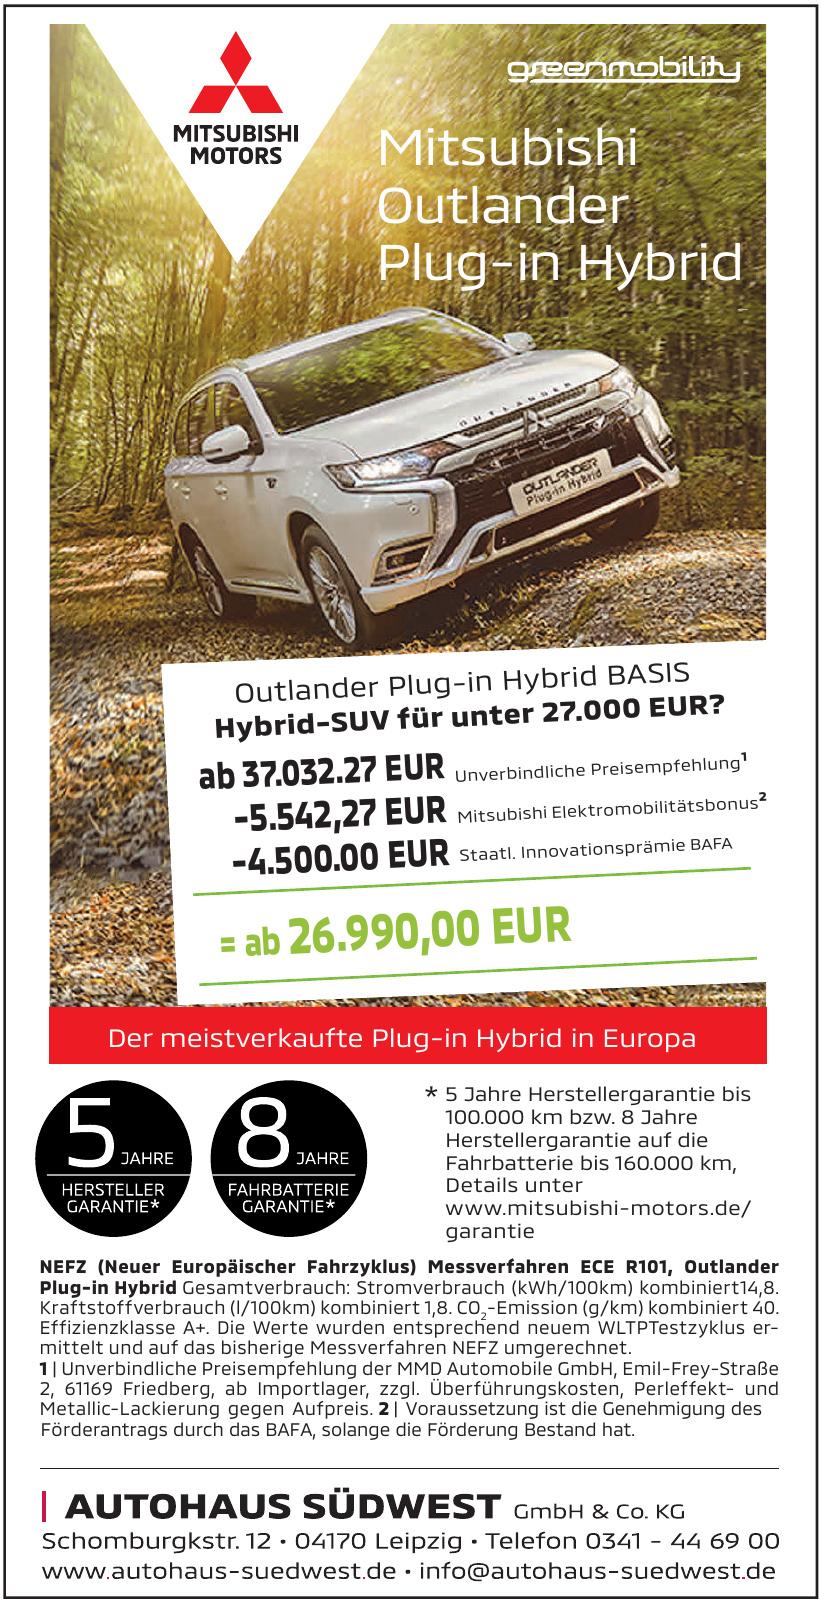 Autohaus Südwest GmbH & Co.KG